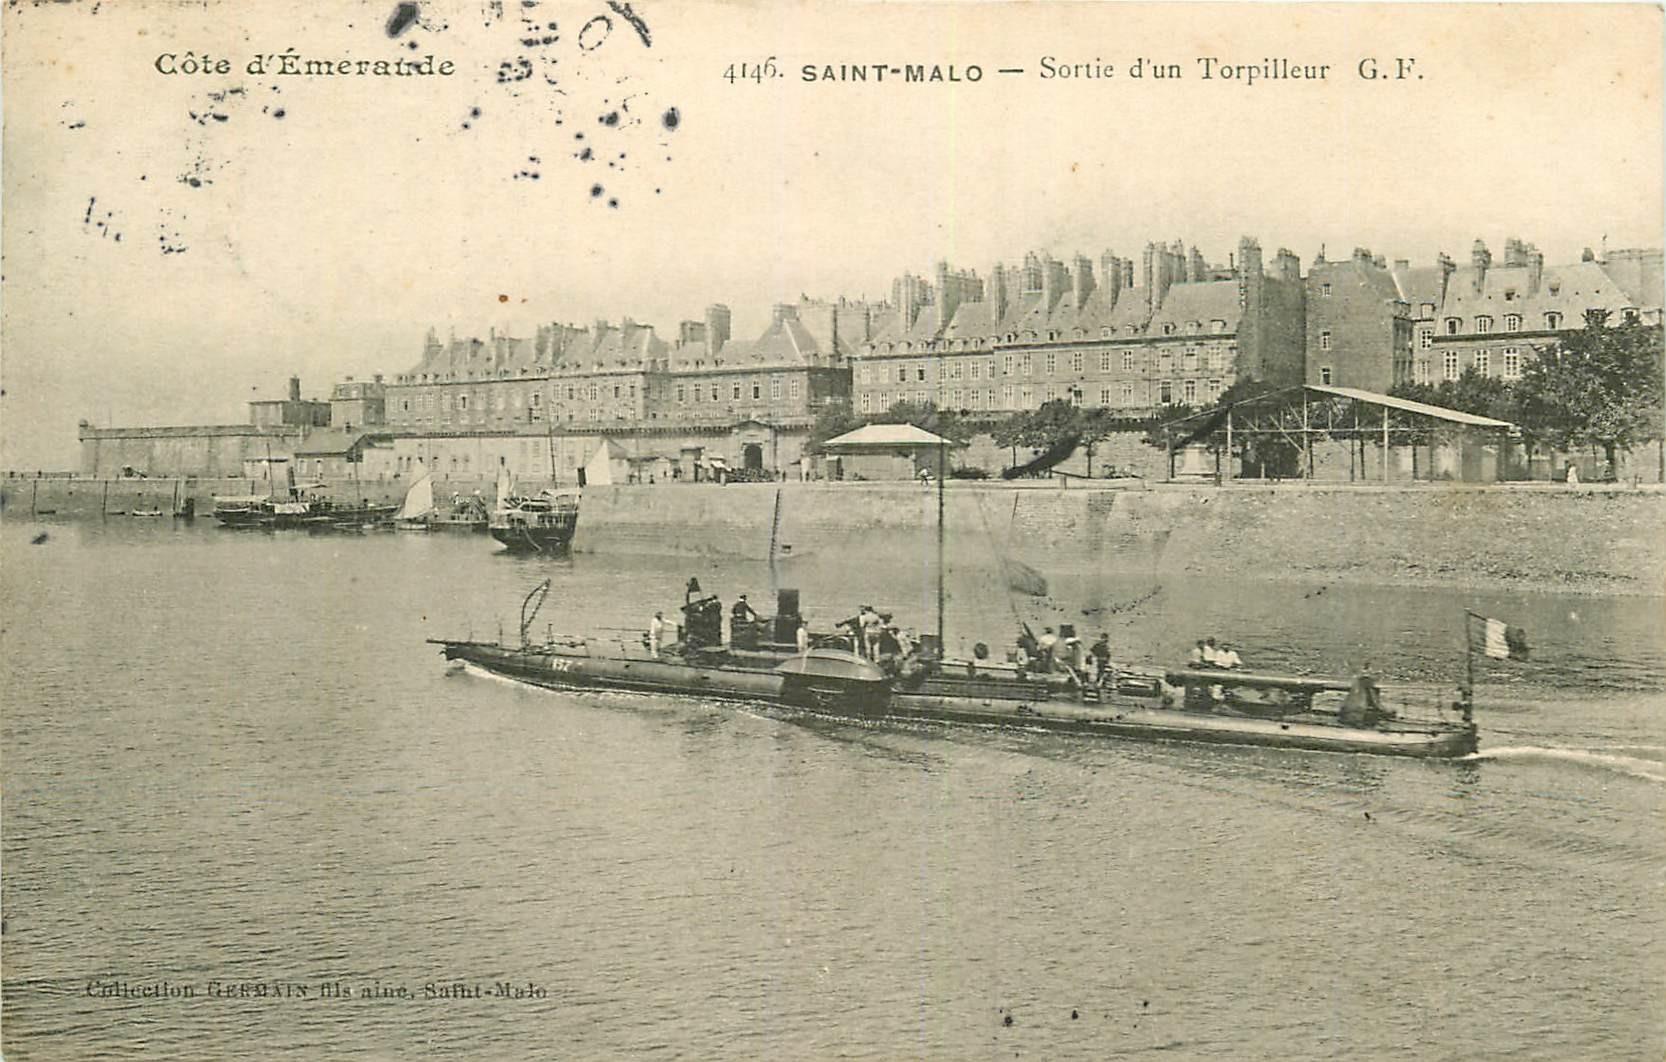 WW 35 SAINT-MALO. Sortie d'un Torpilleur 1908